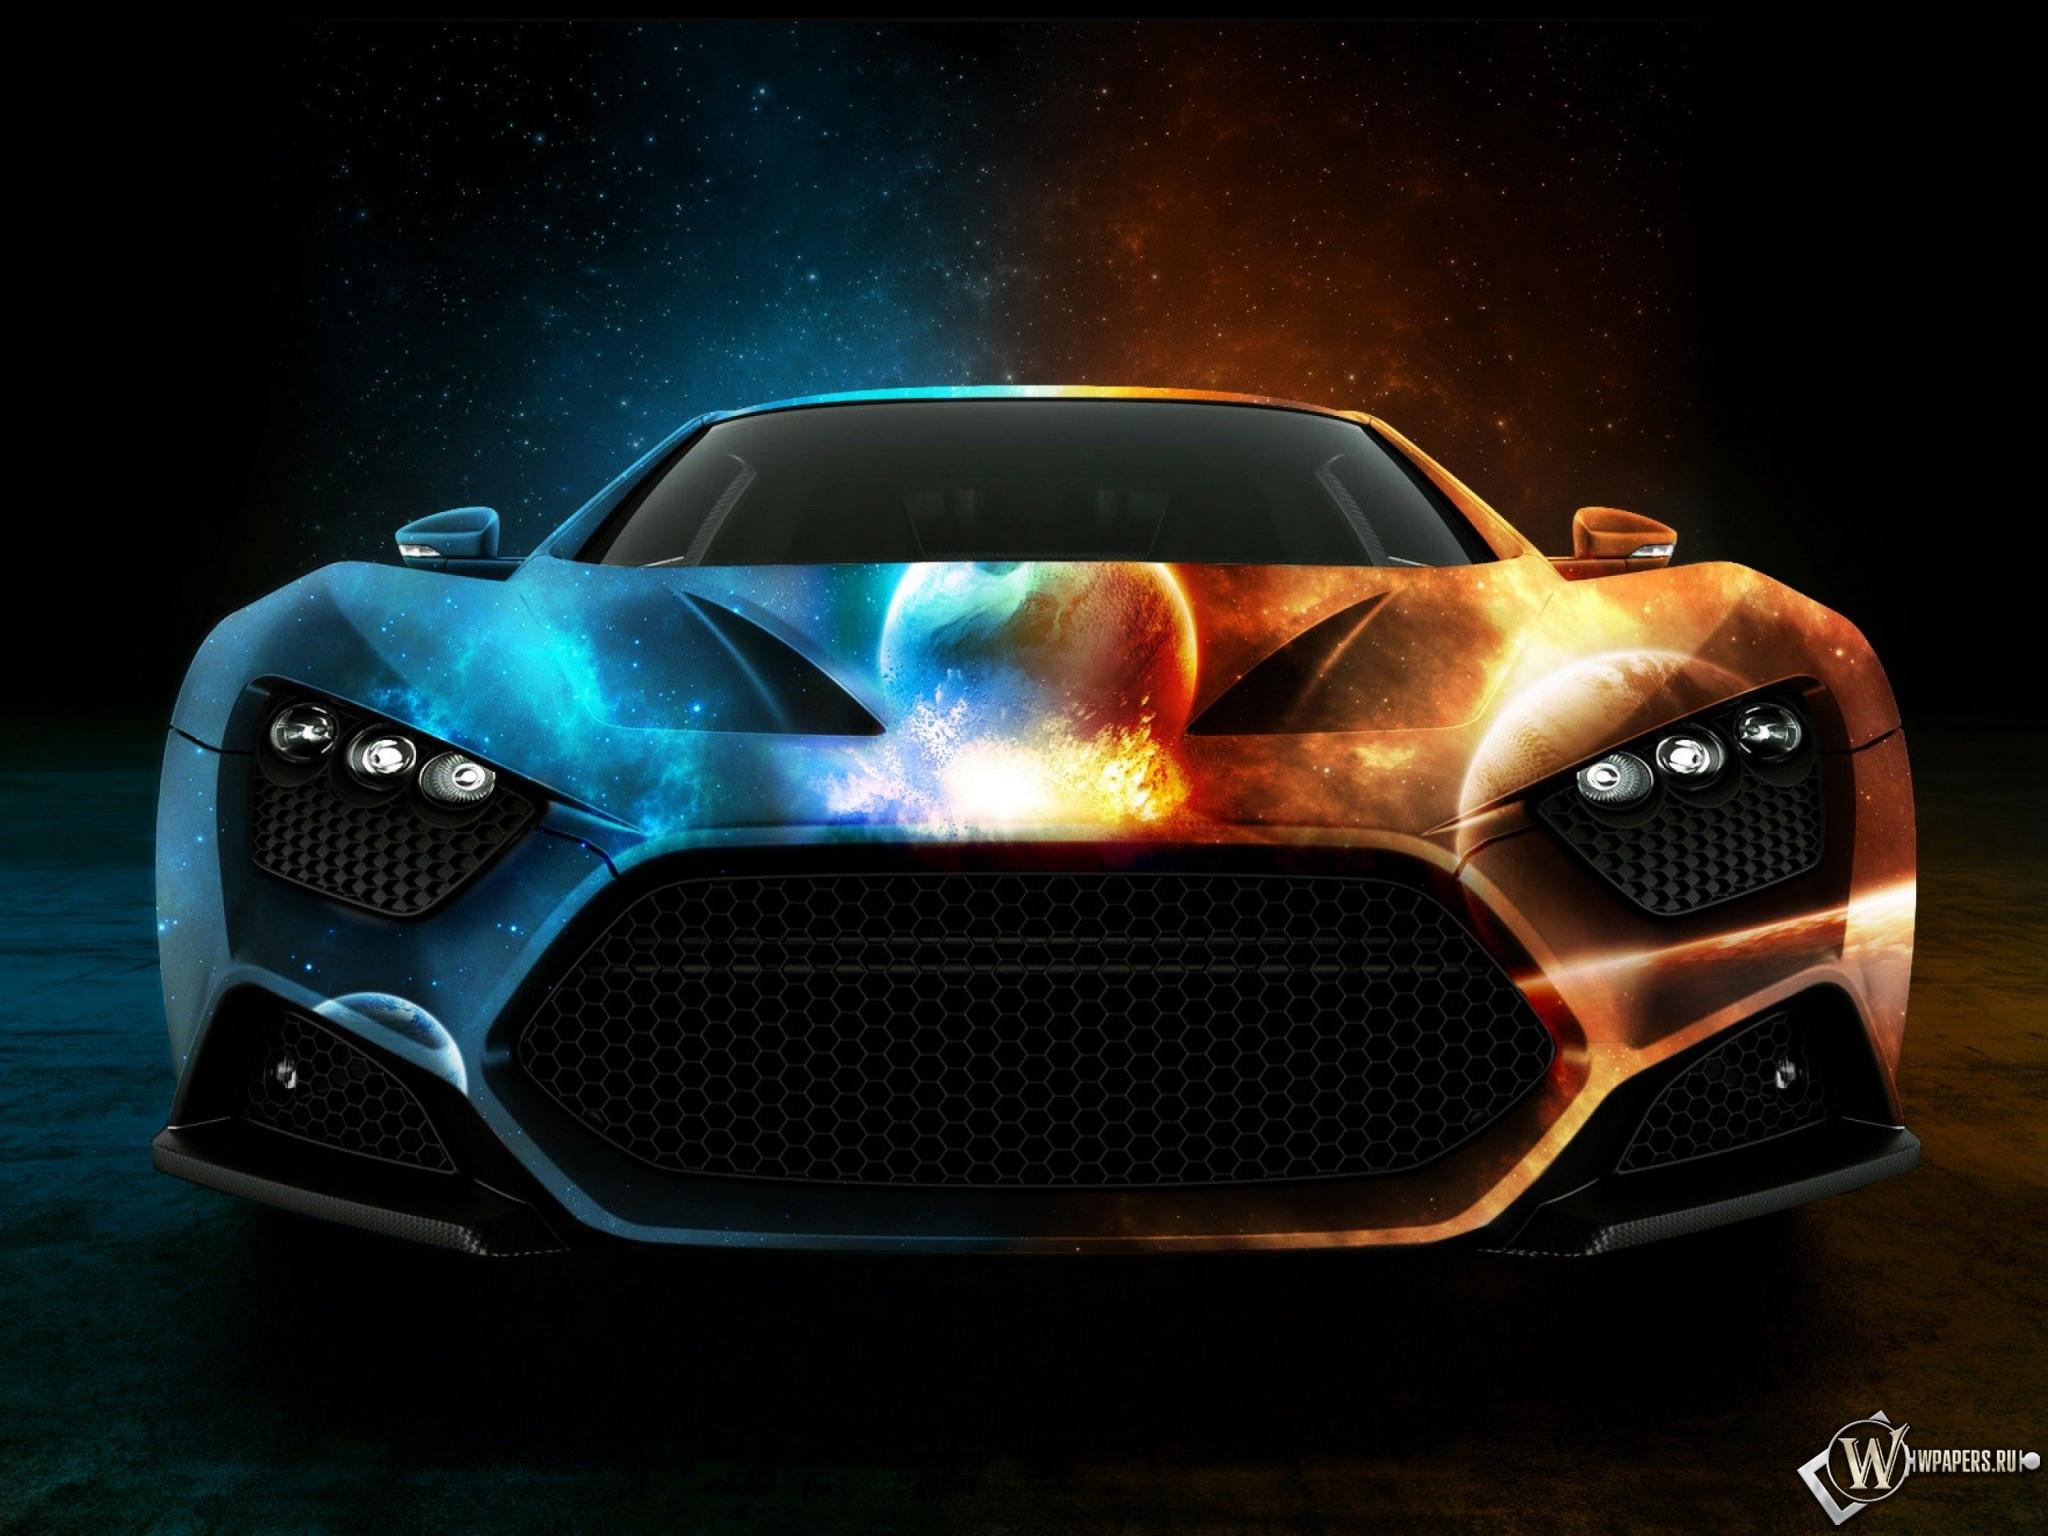 Машина двух миров 2048x1536